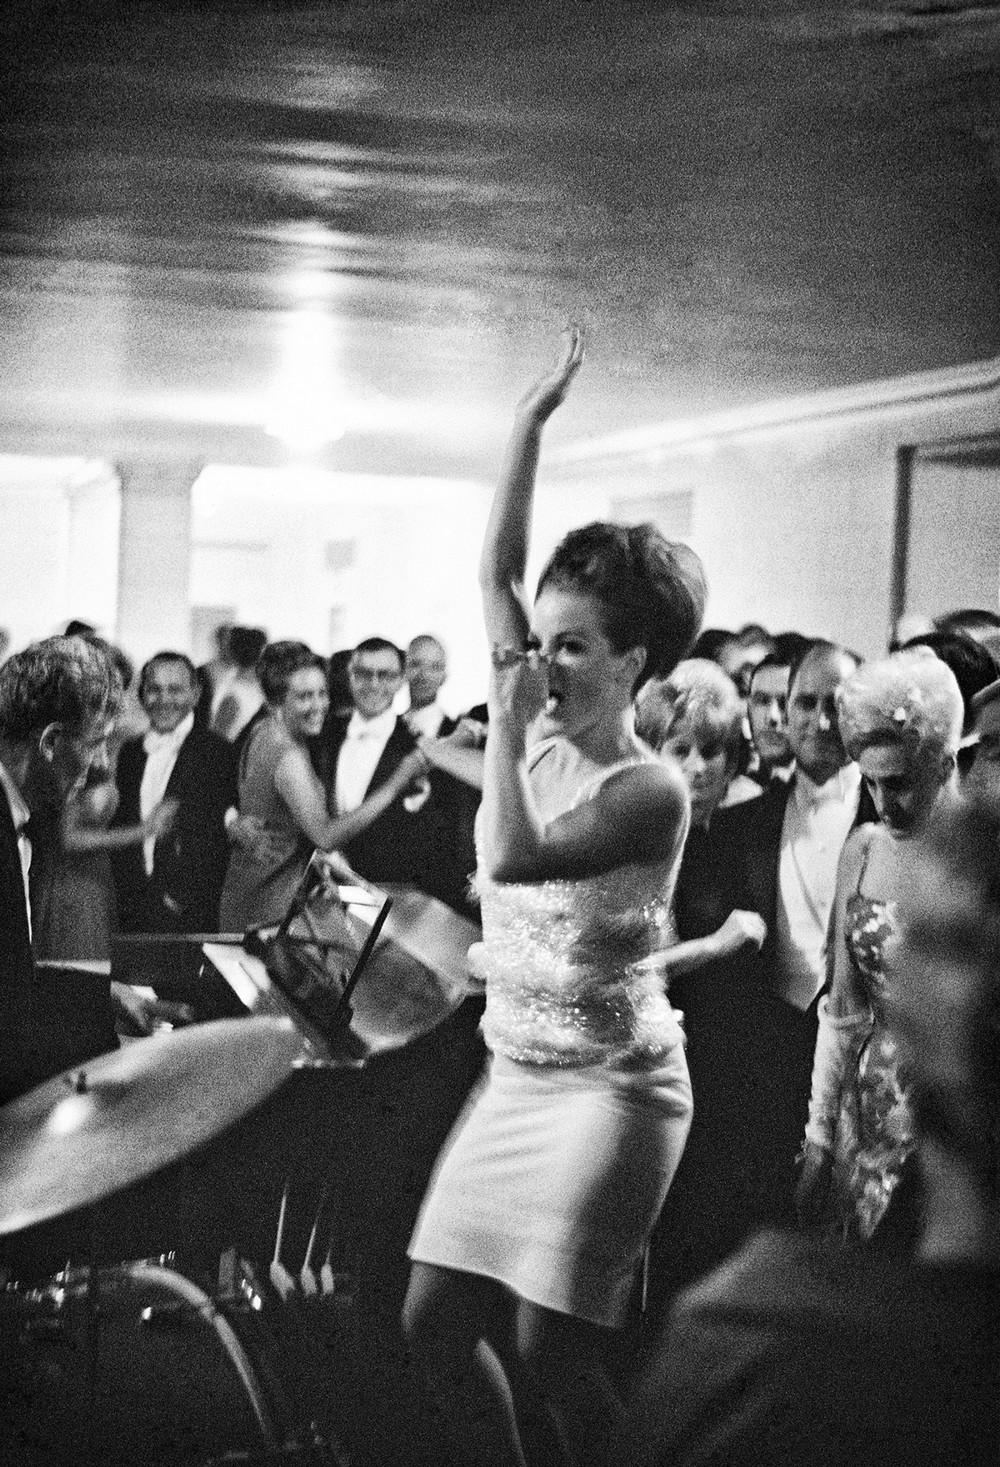 San-Frantsisko-ulichnye-fotografii-1940-50-godov-Freda-Liona 23